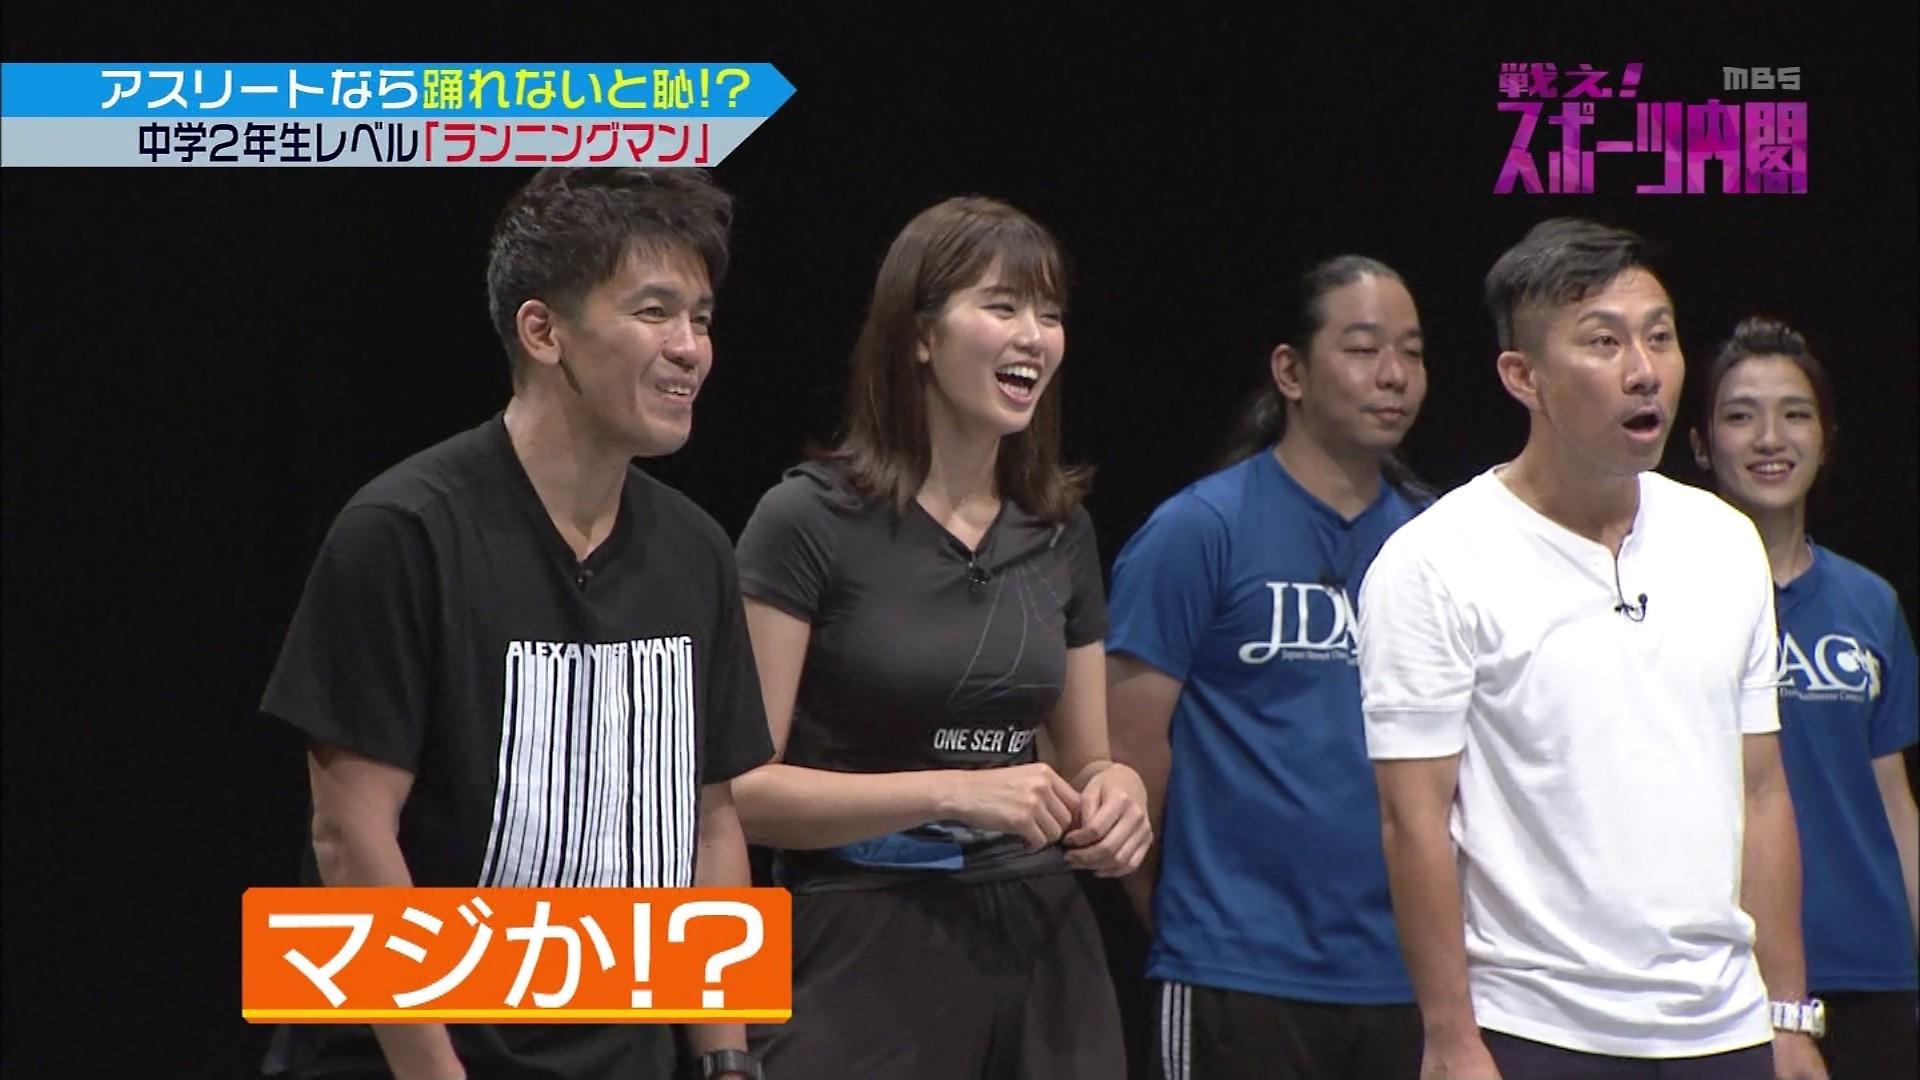 (亜美)青木愛さんと稲村亜美さんのパイオツとお下半身が気になるダンス挑戦。デカ乳デカ乳な膨らみが凄い戦え。スポーツ内閣えろ視線キャプ写真